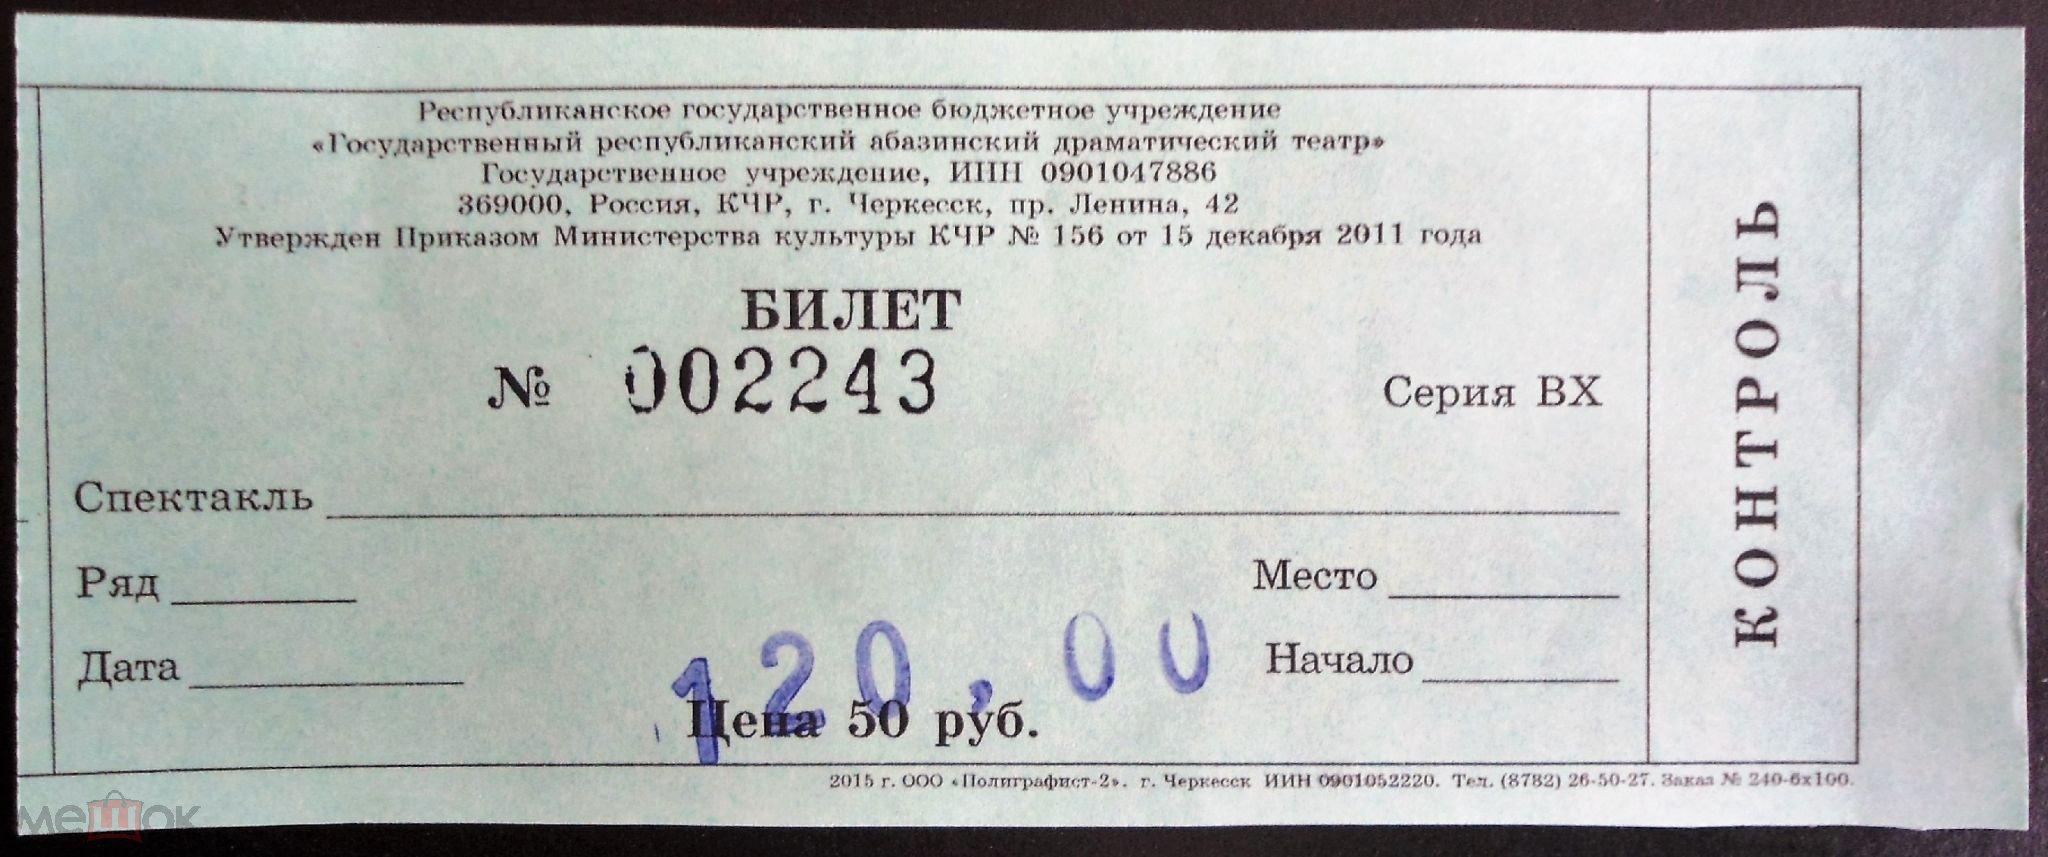 Билеты театр 10 рублей афиша пьесы в театре